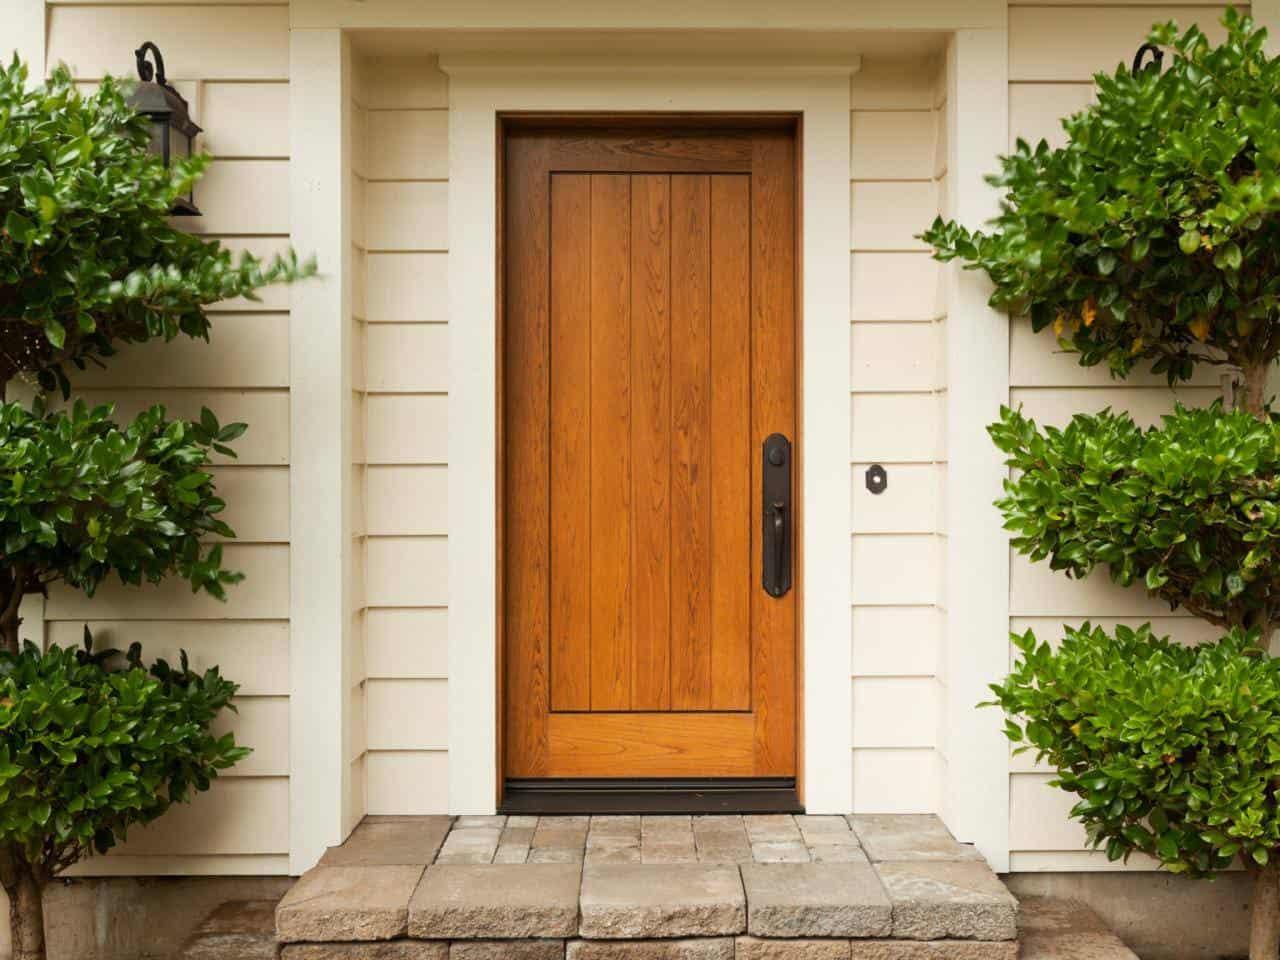 рассказывает, откуда смотреть фото дверь в деревянный красивый дом вкусный, внутри